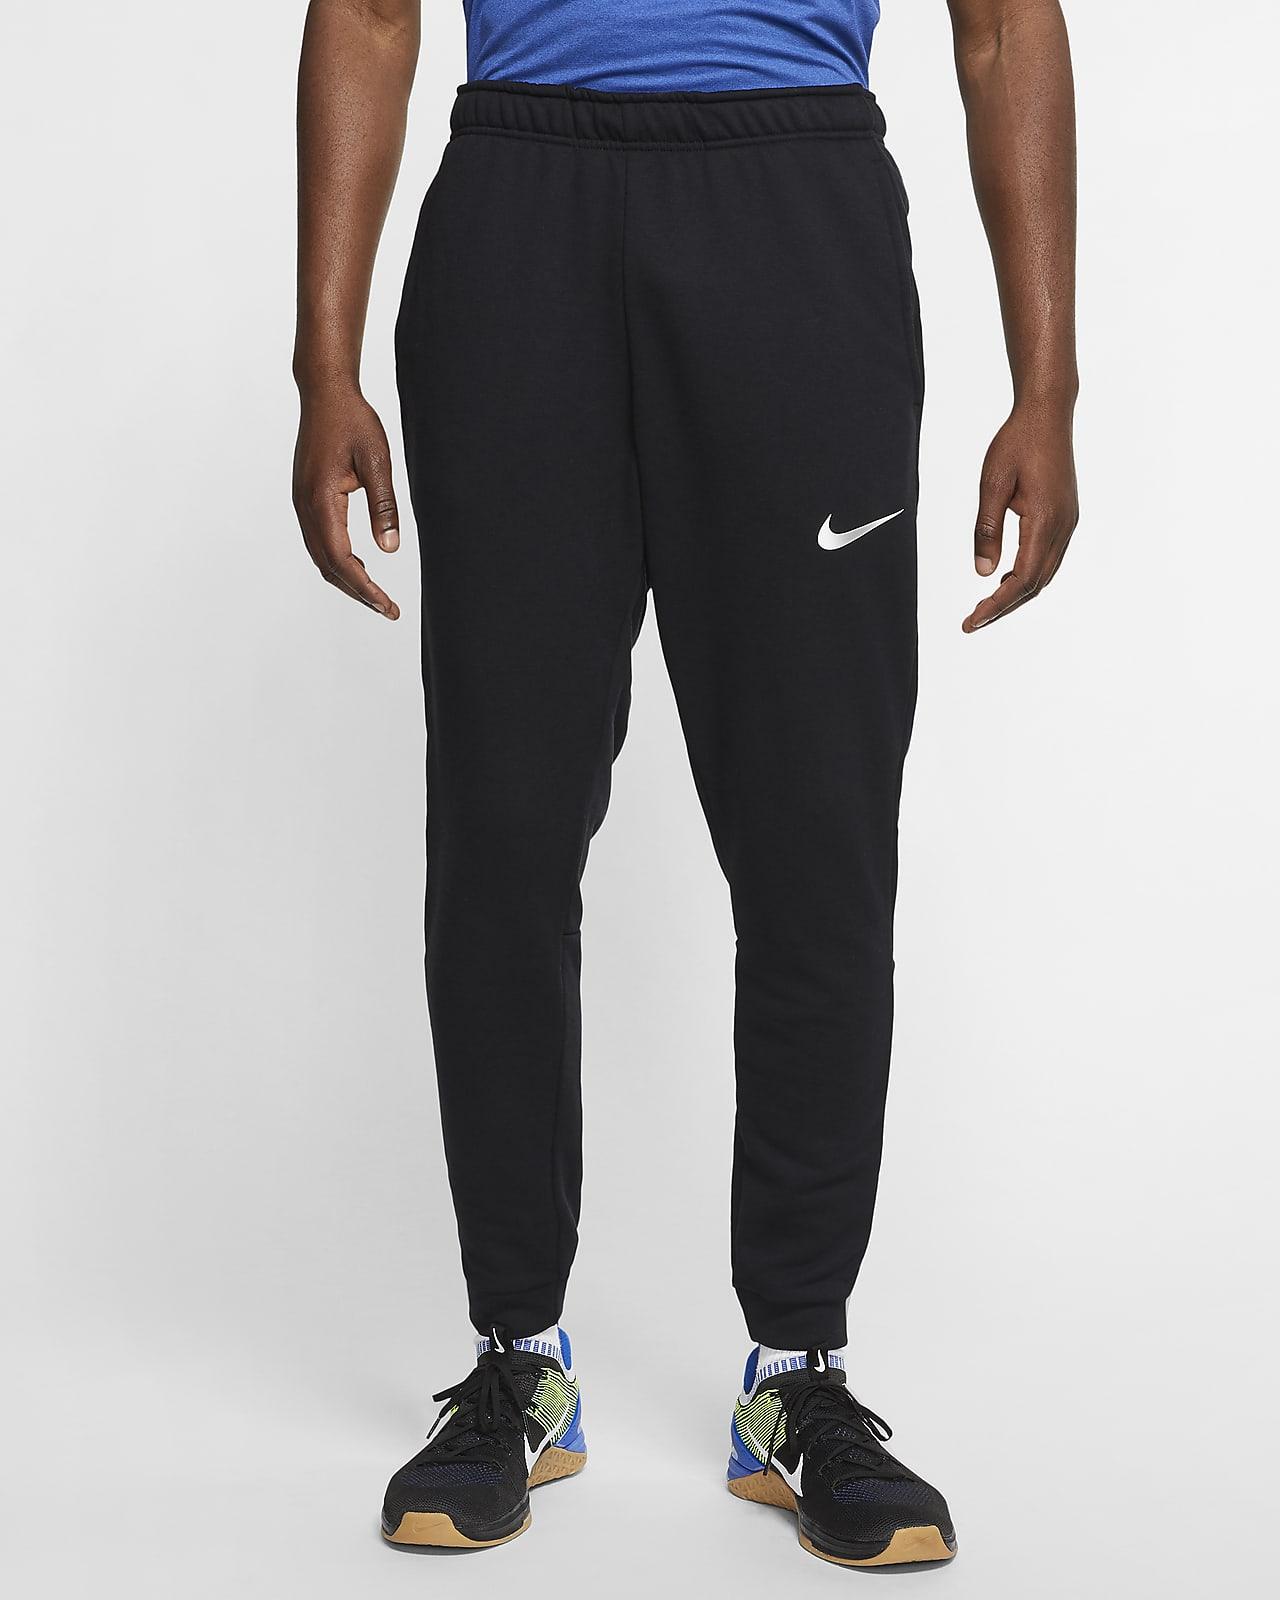 Nike Dri-FIT Pantalón de entrenamiento de tejido Fleece - Hombre